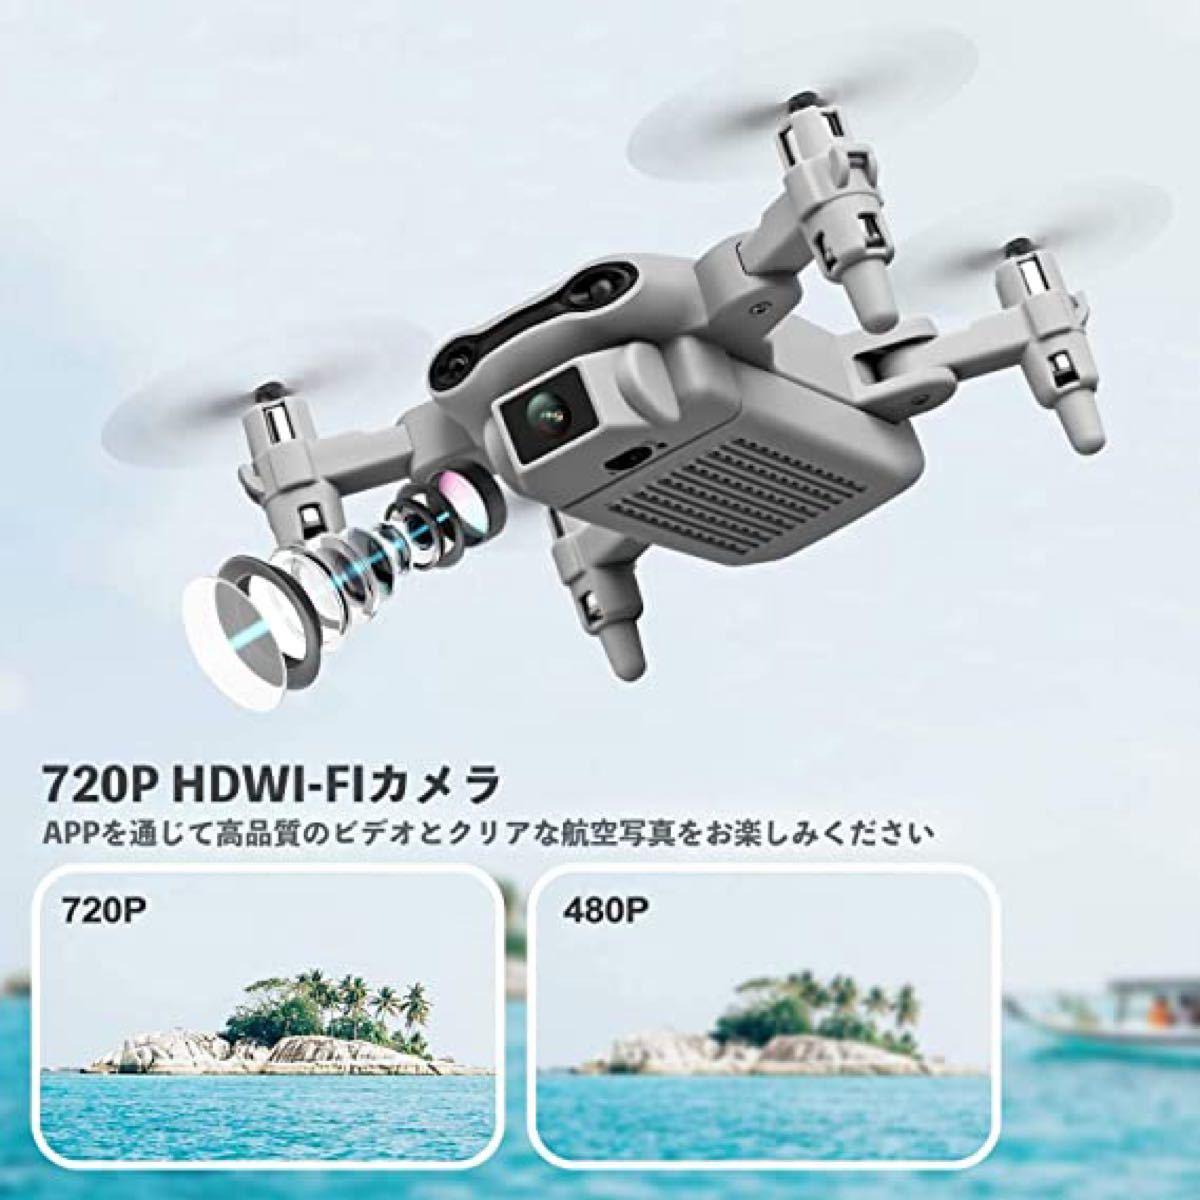 ドローン折りたたみ式720P HDデュアルカメラドローン 小型収納パック付き